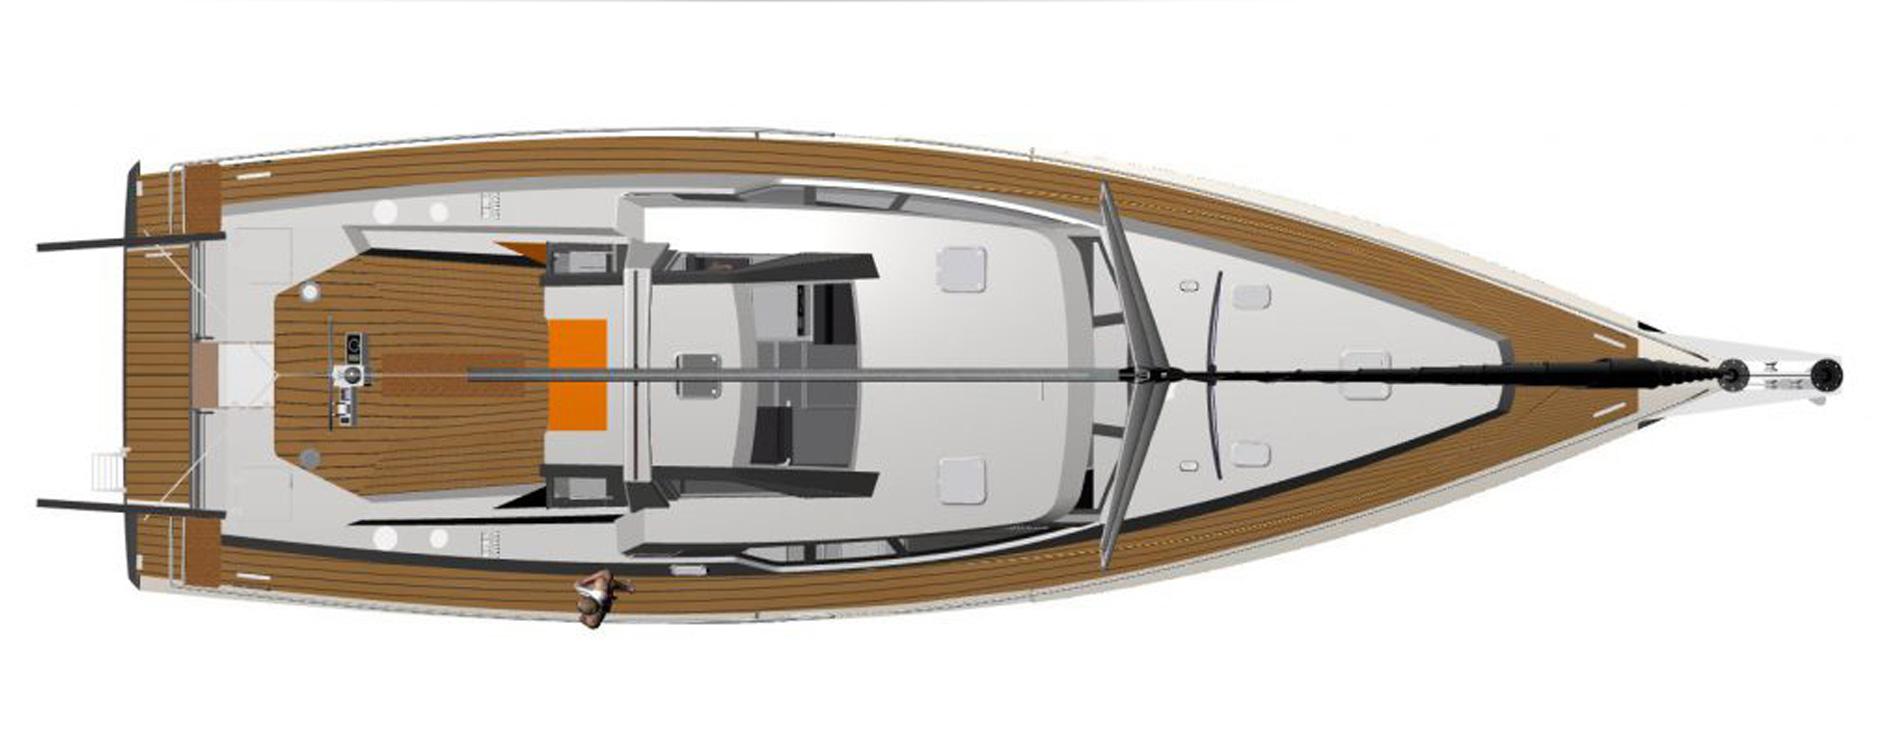 DG52-Vue-plan-Voilier-aluminium-sur-mesure-Architecture-navale-Vincent-Lebailly